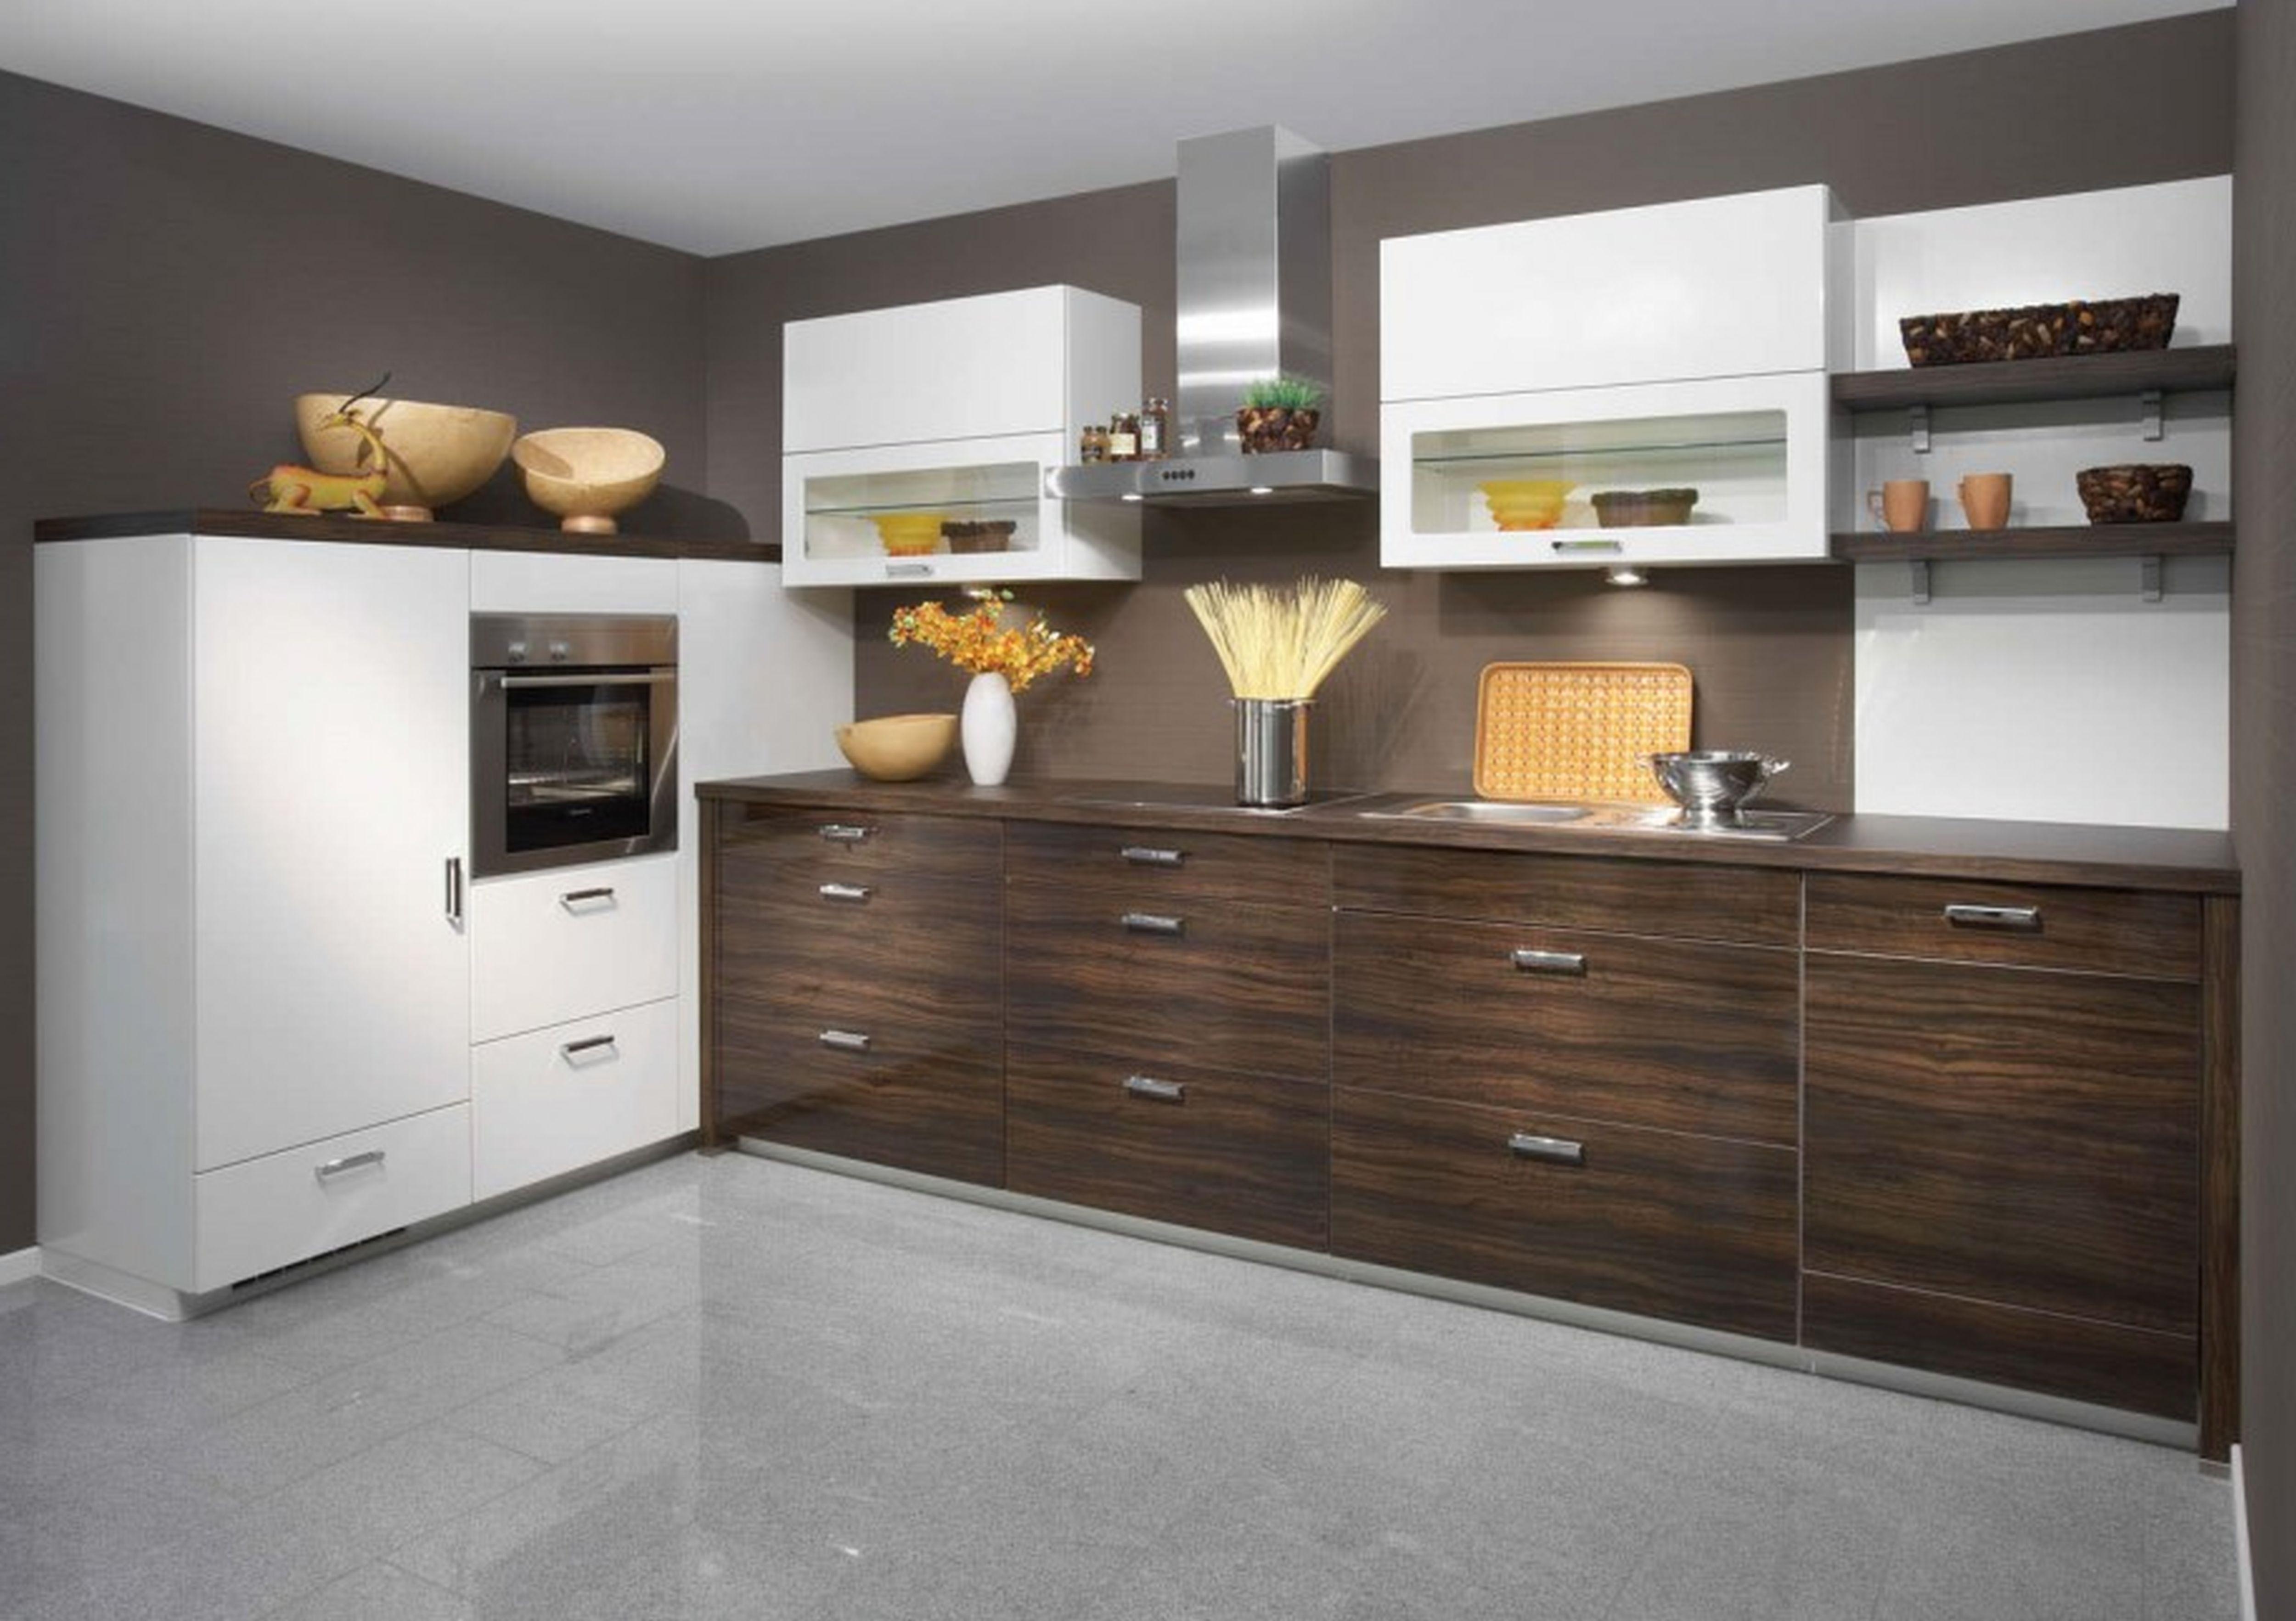 10 cocinas en madera y gris - Cocina de madera ...